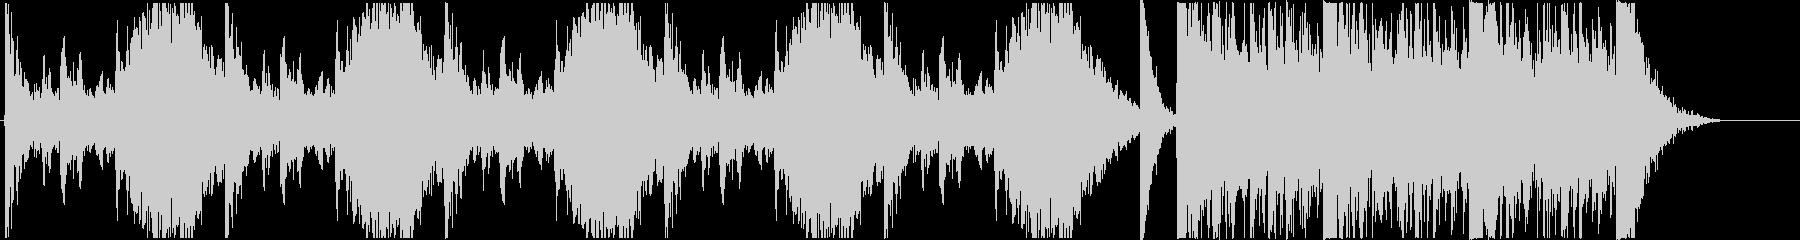 打楽器中心のトレーラーAの未再生の波形